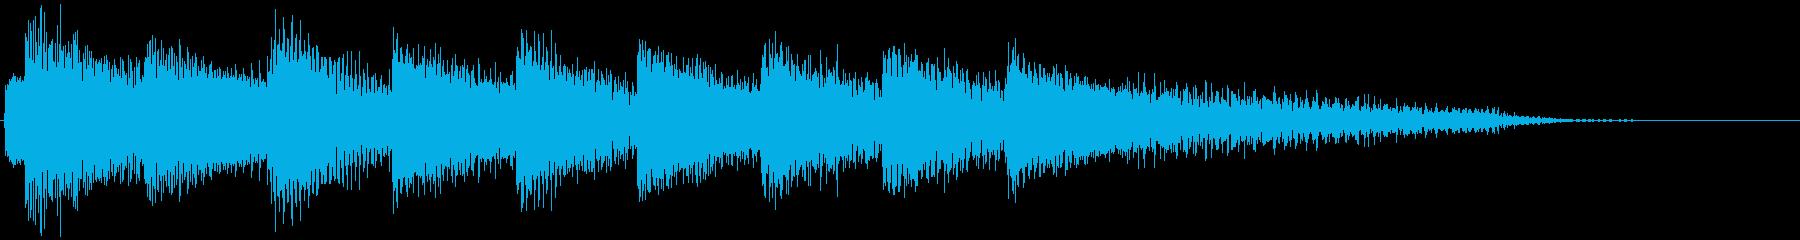 落ち着いた雰囲気の優しいピアノジングルの再生済みの波形